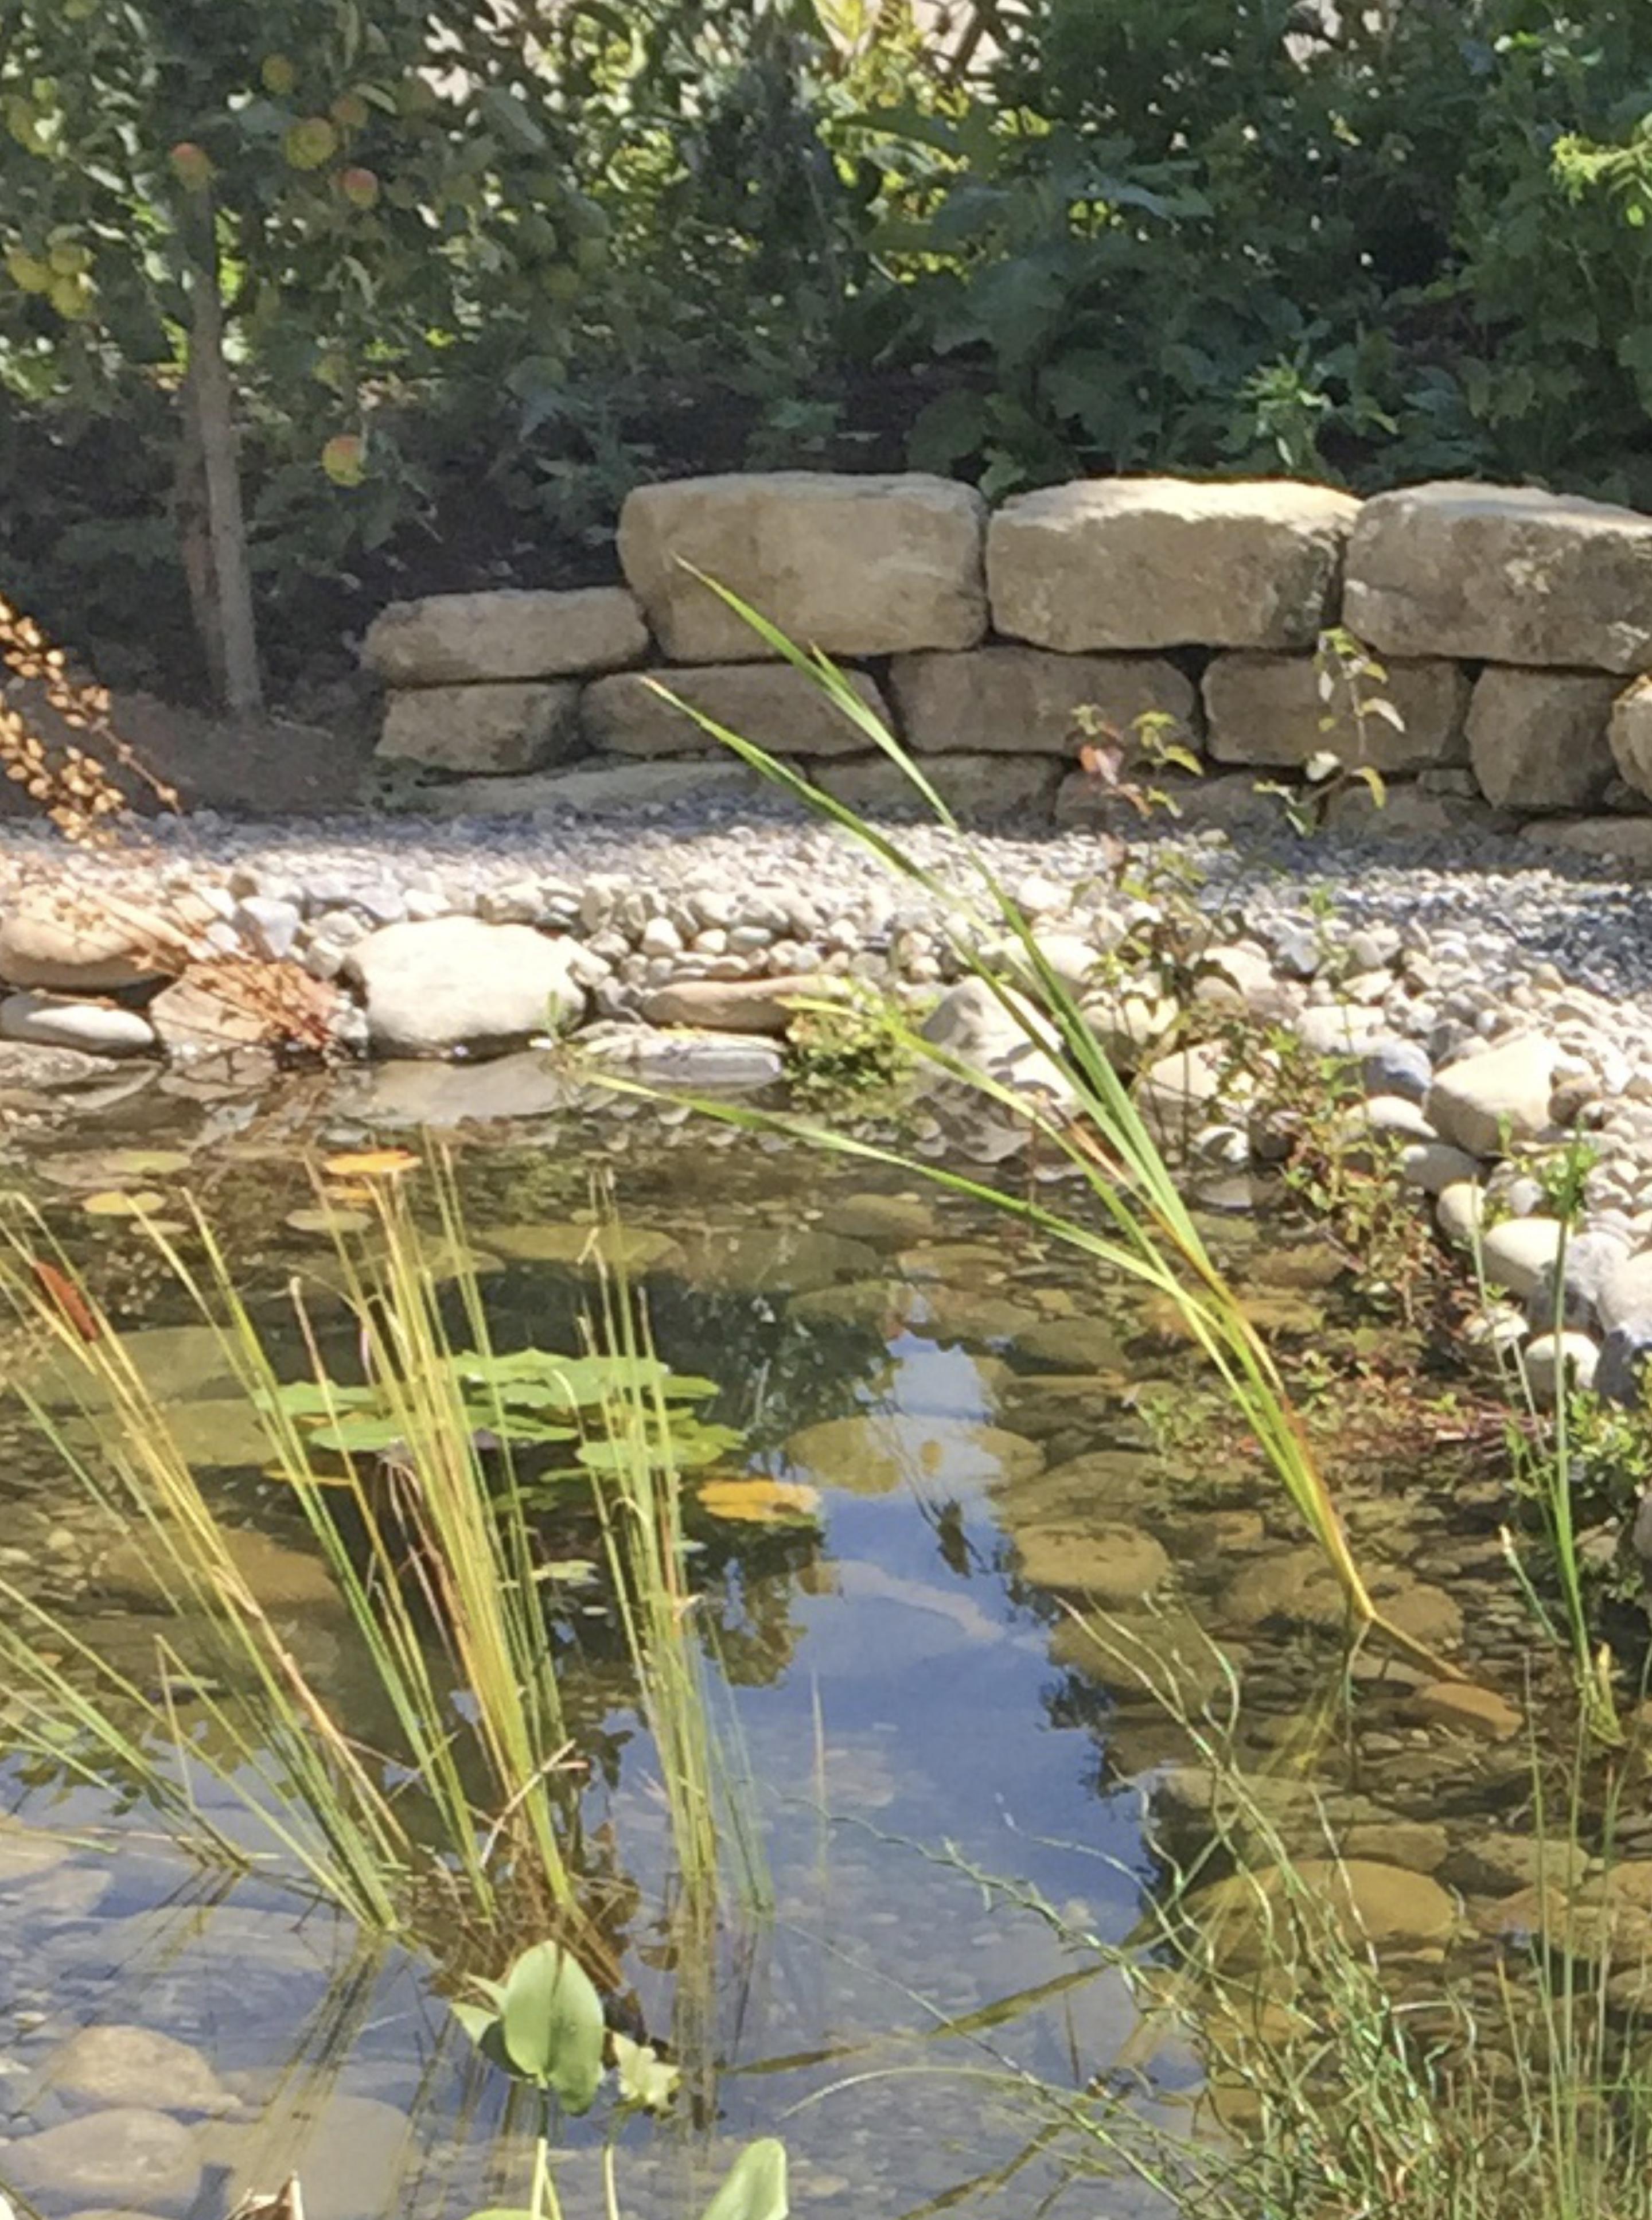 Teich-Meteowasser-und-Dachwasser-Frau-Fadegrad